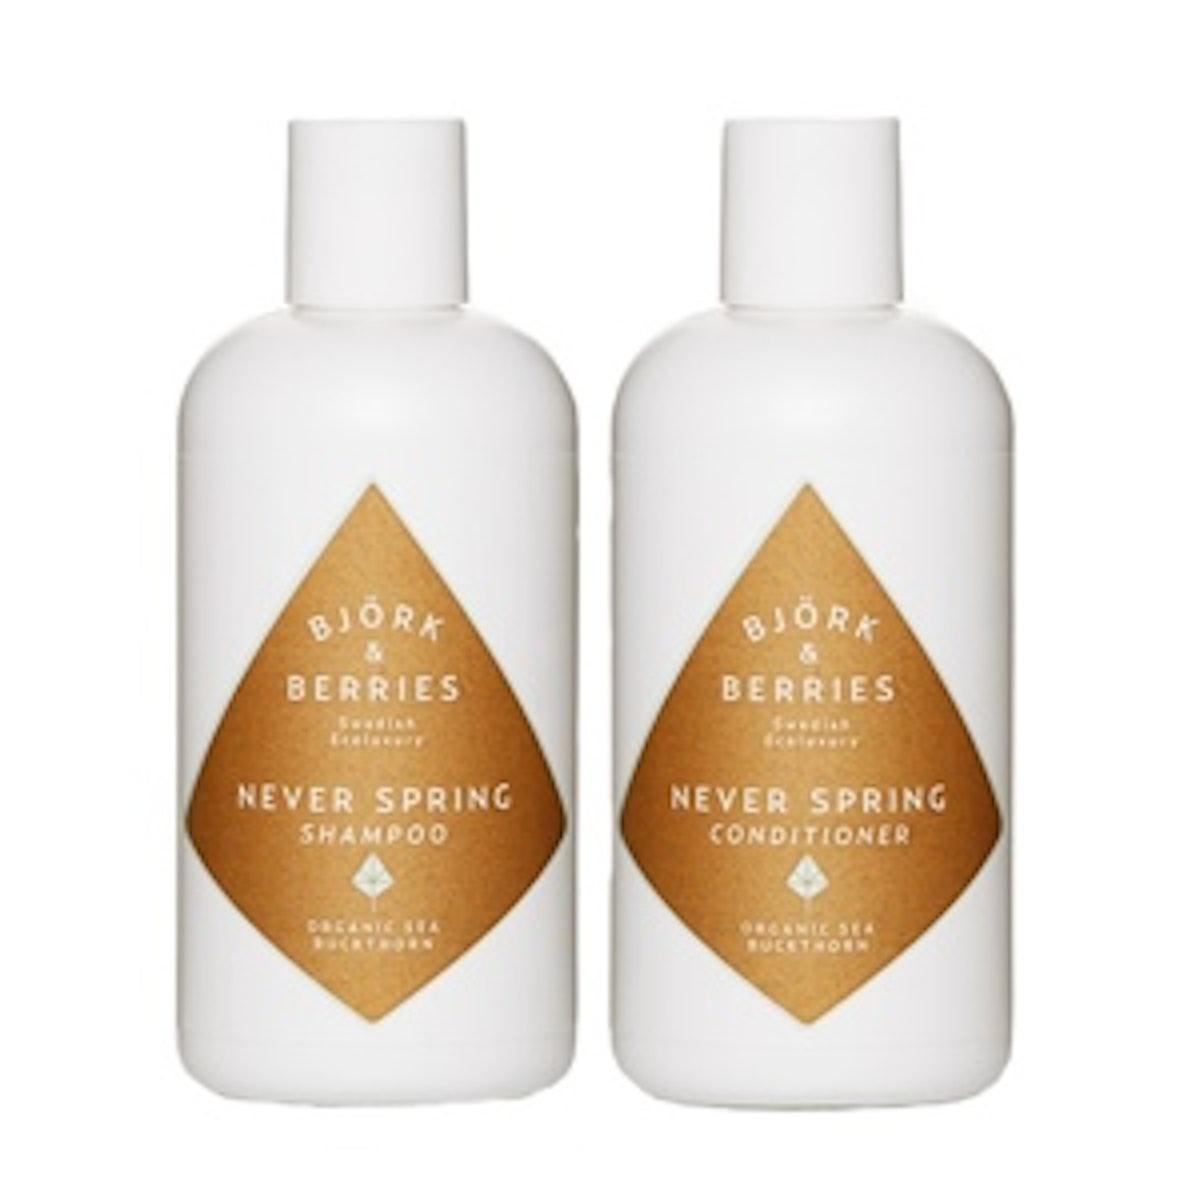 Never Spring Shampoo & Conditioner